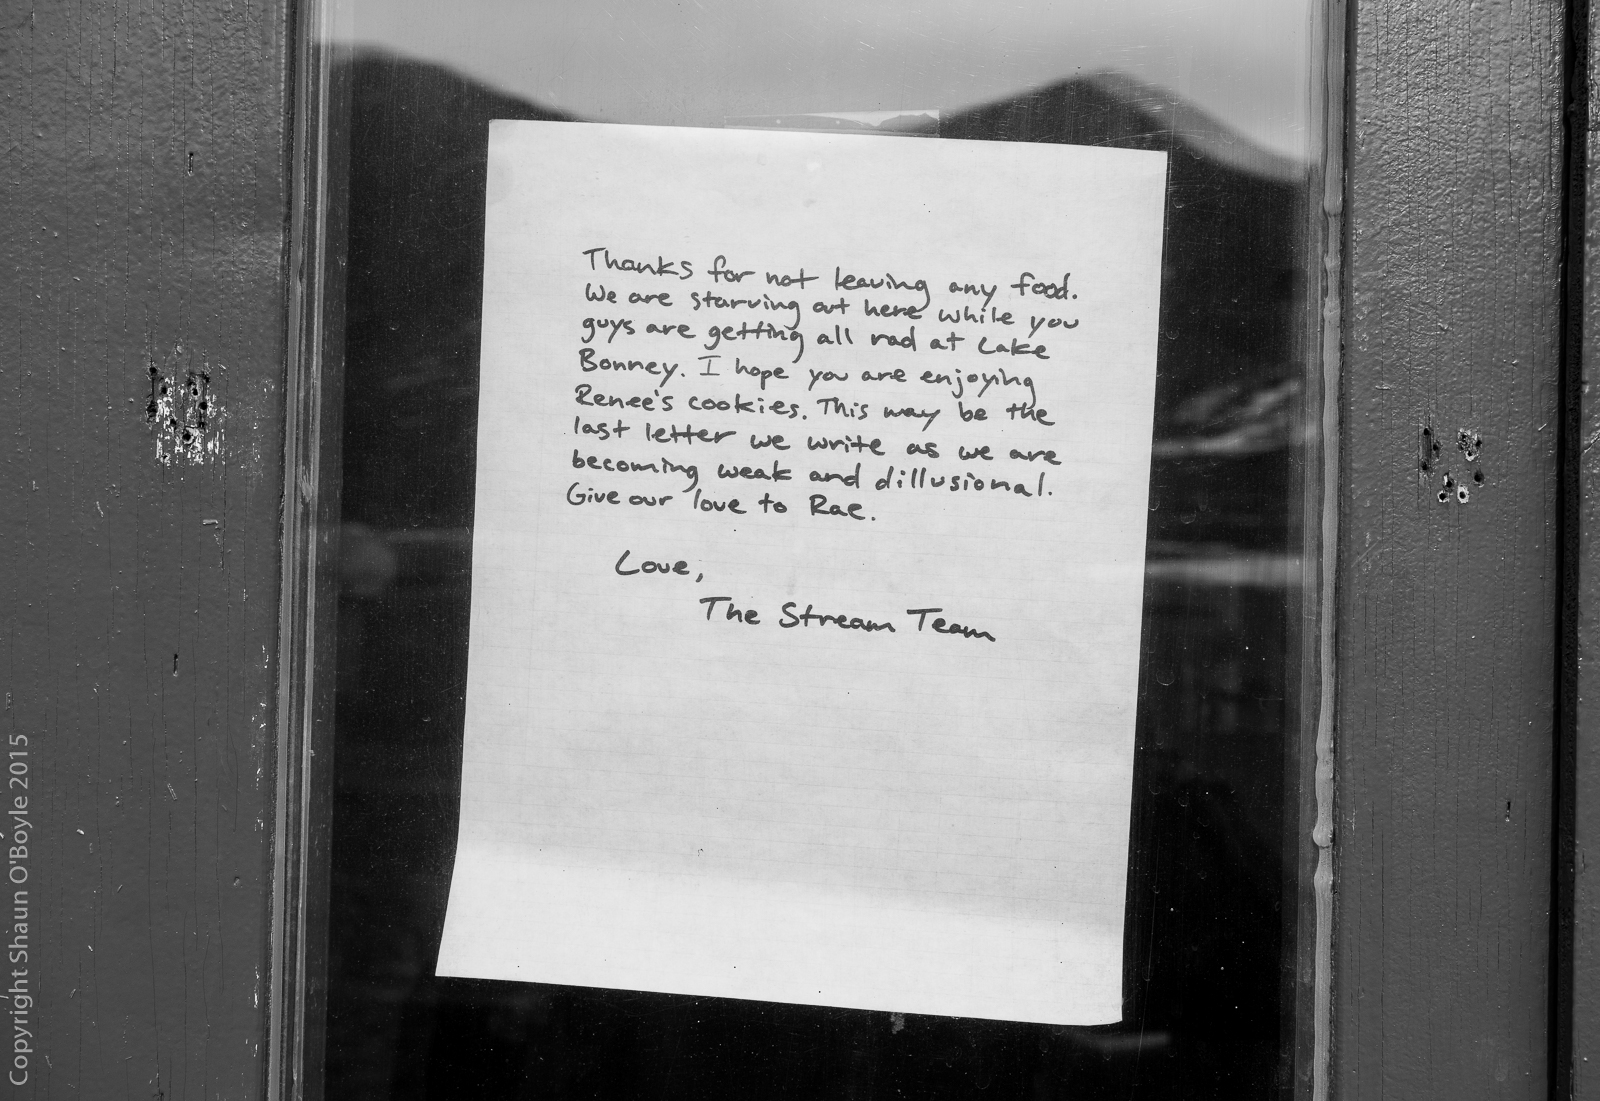 Note on door of Jamesway